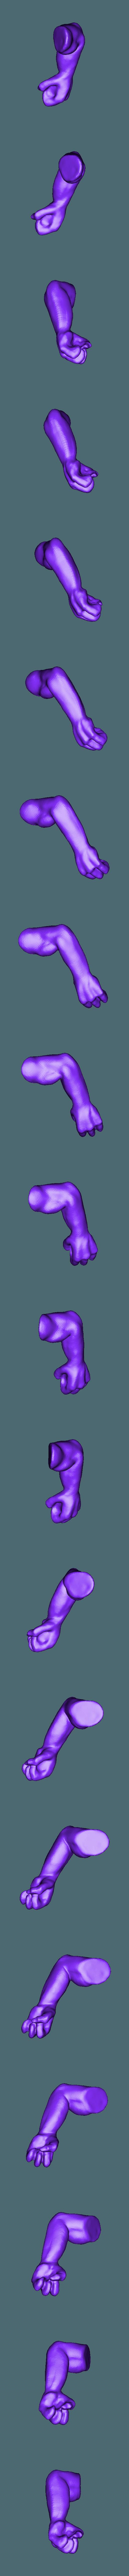 left_arm_v3.stl Télécharger fichier STL gratuit Miniatures de guerriers caméléons • Design à imprimer en 3D, Ilhadiel